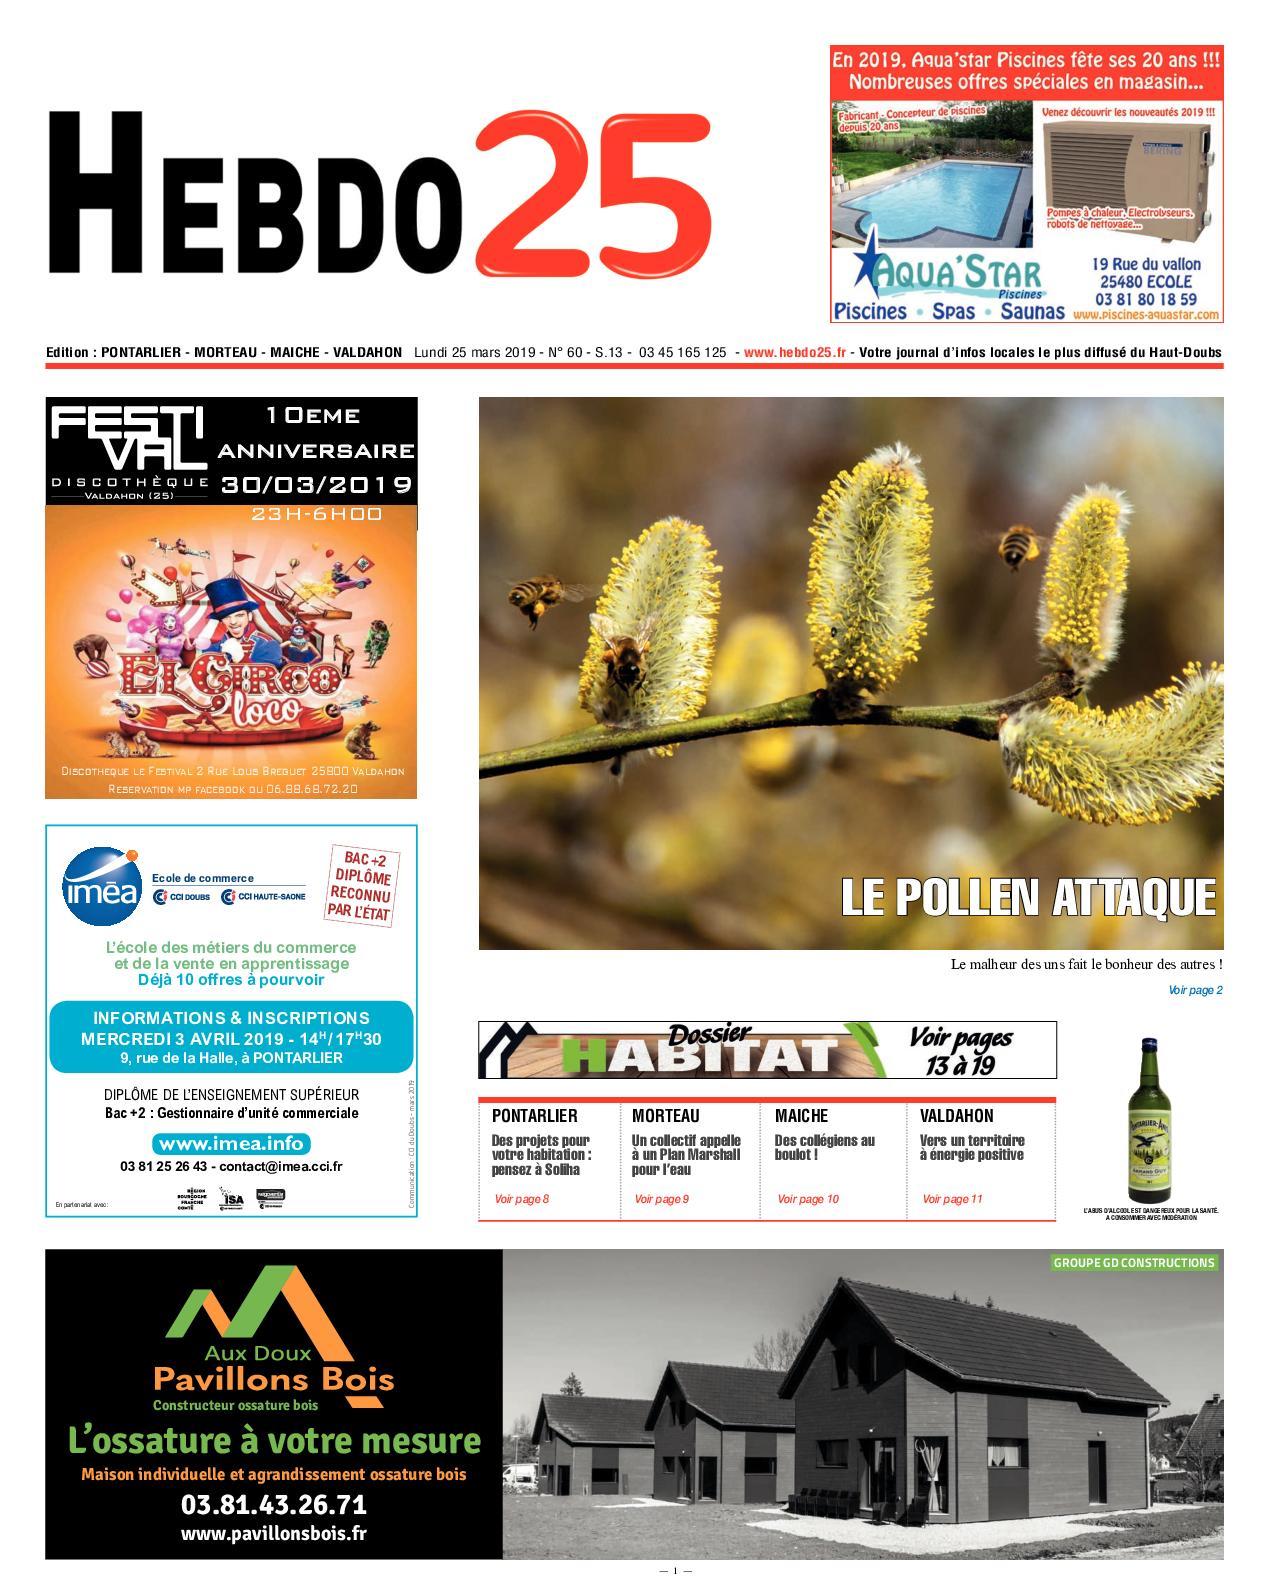 Calaméo - Hebdo Pontarlier 2019 Semaine 13